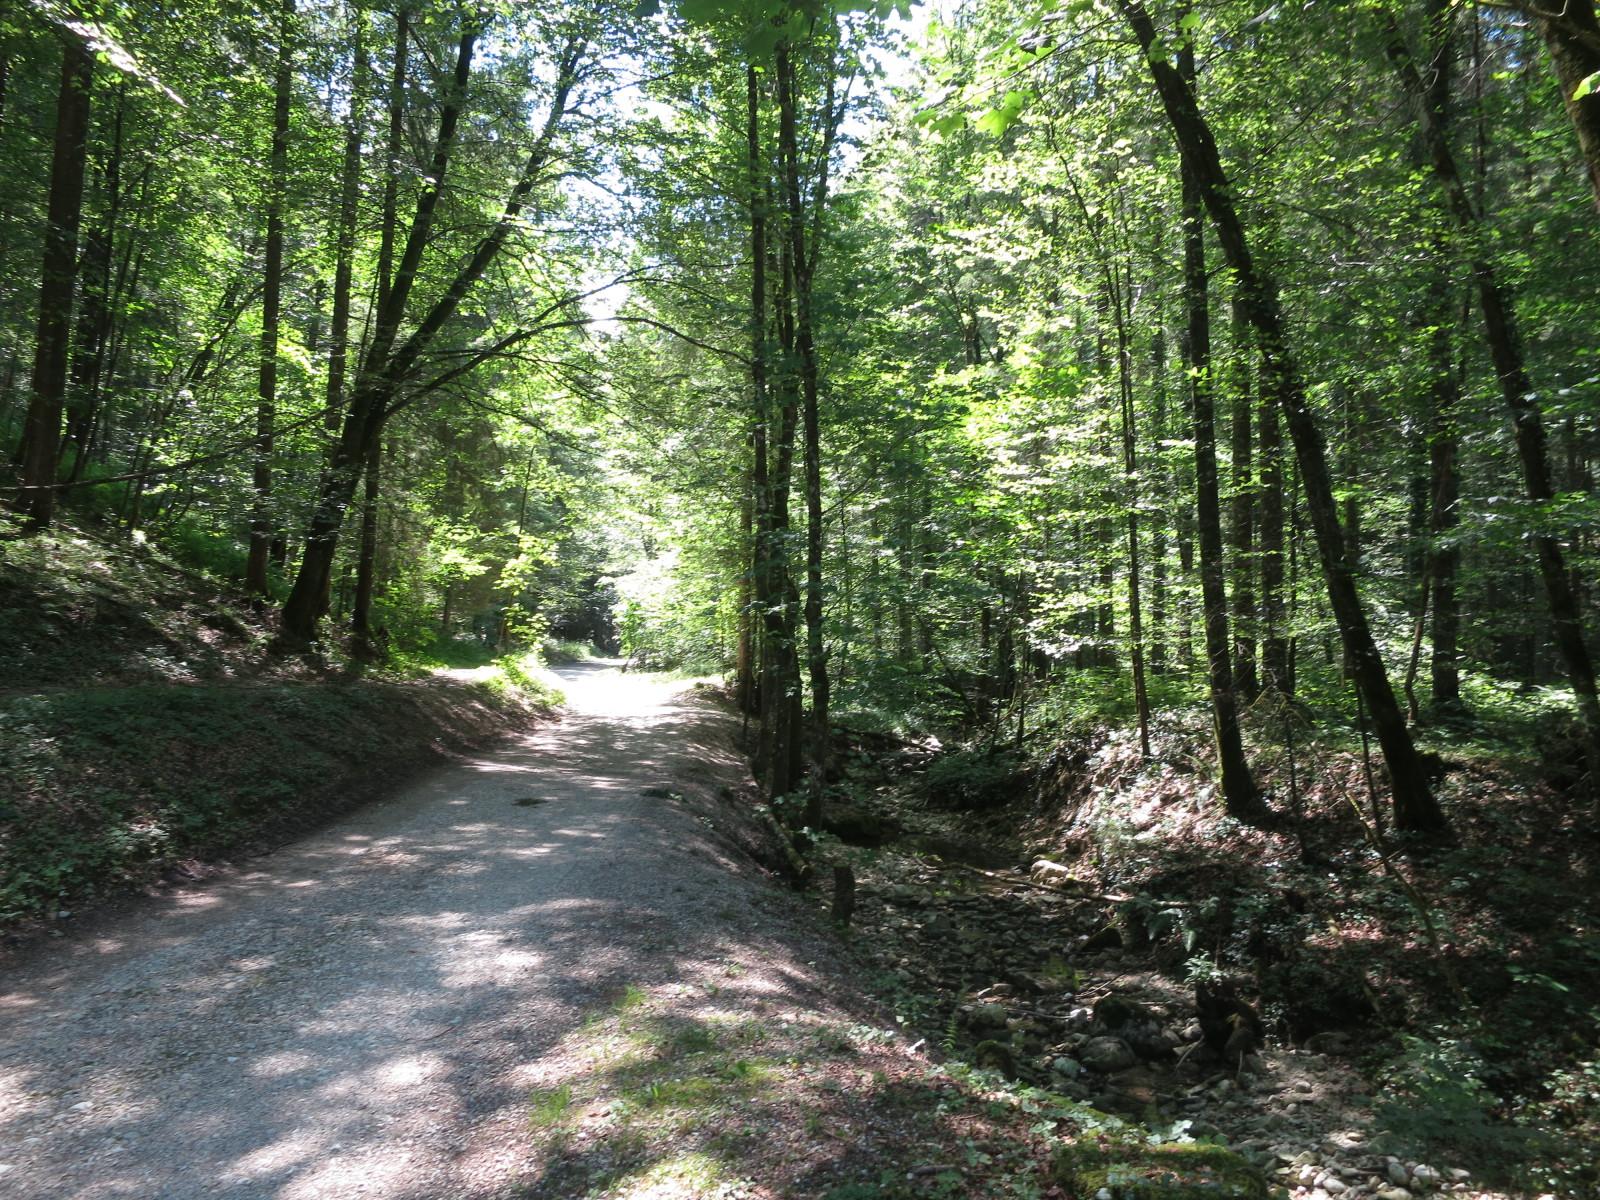 Schattige Wege durch den Wald